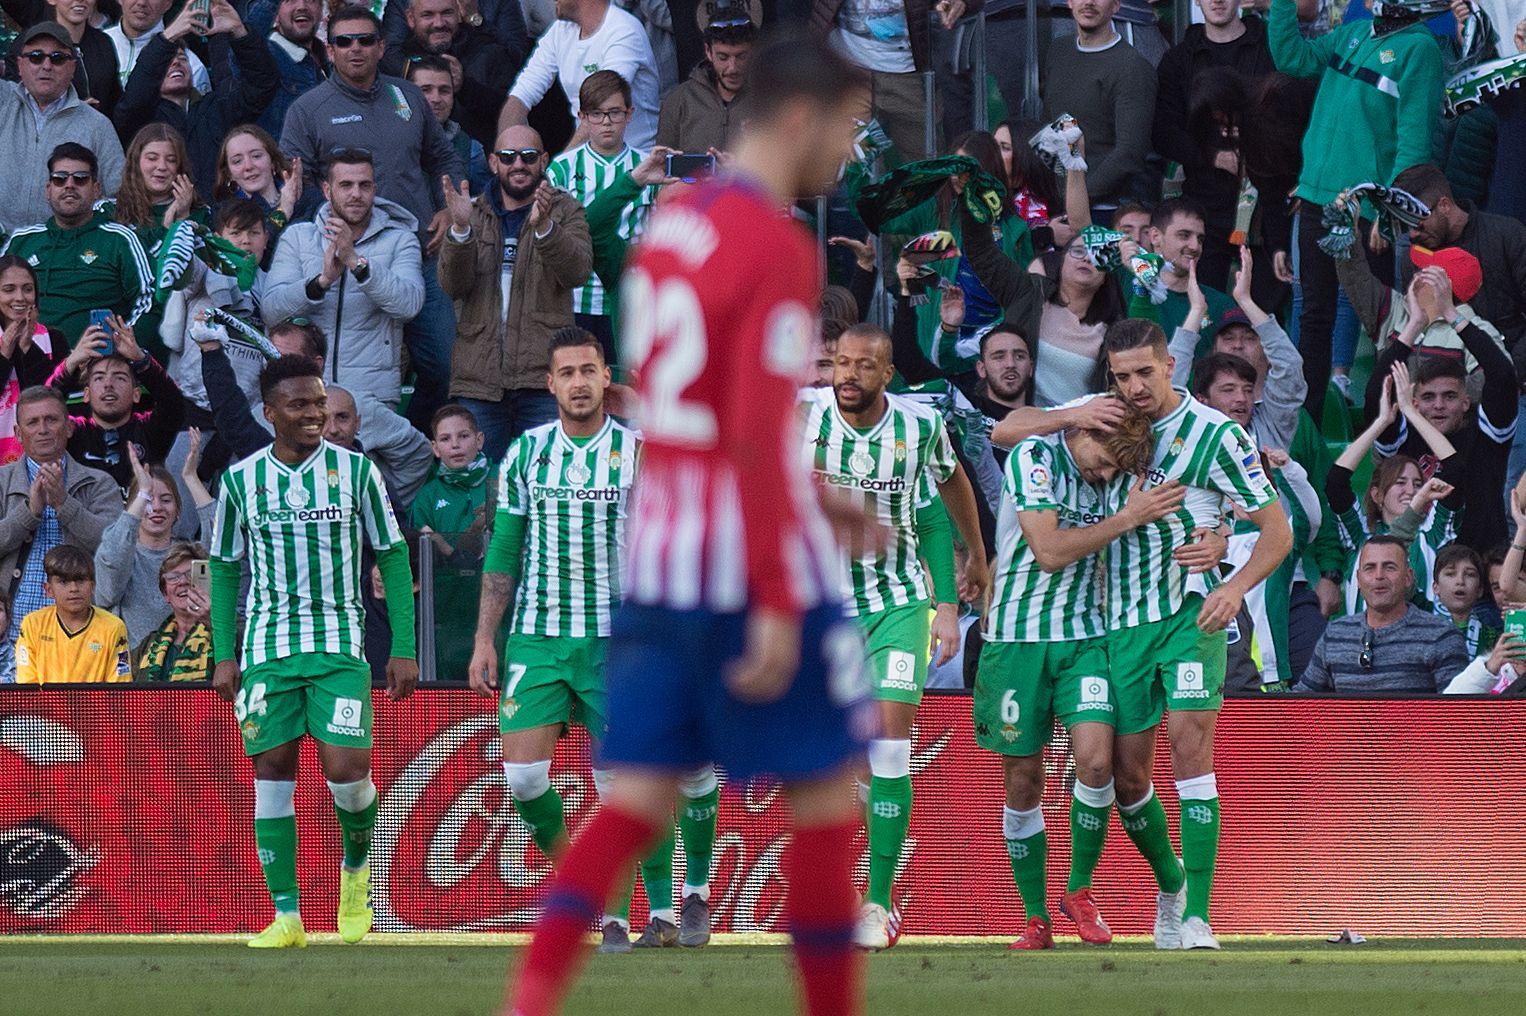 Las dos caras de la moneda, en el juego entre Atlético y Betis. (Foto Prensa Libre: AFP)